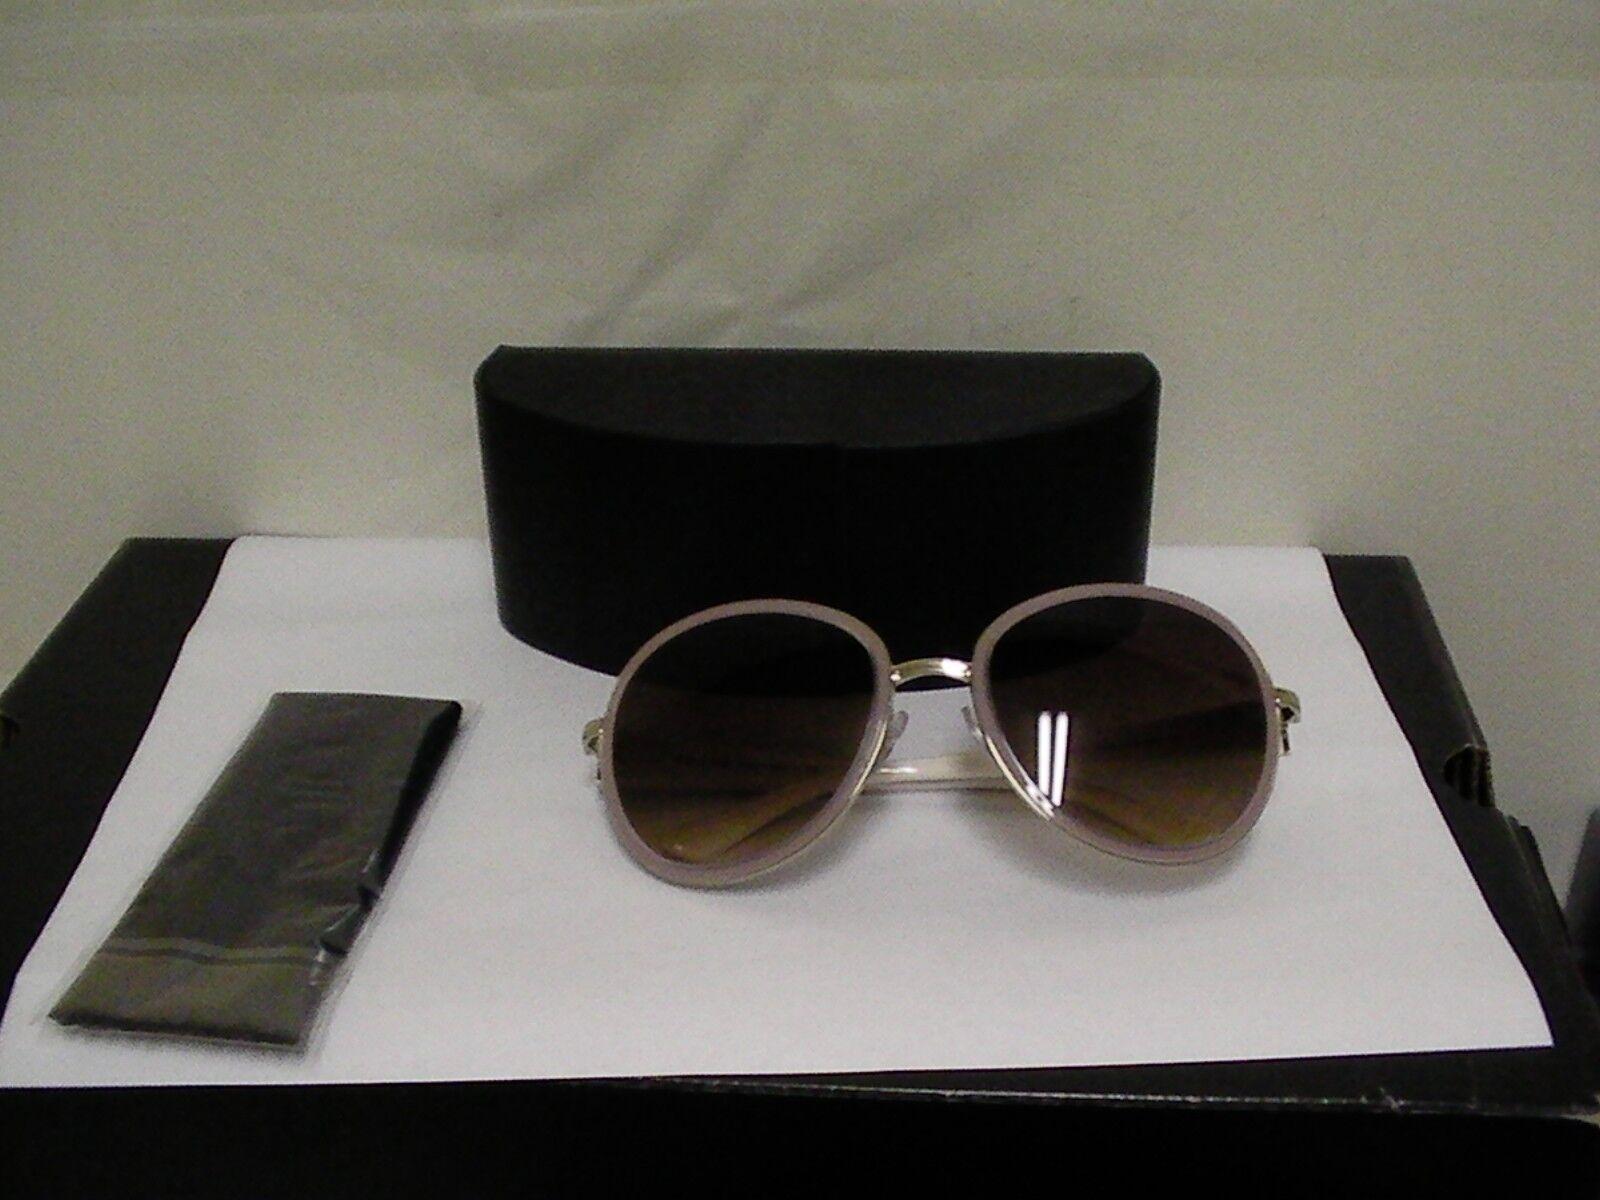 Damen Prada Neue Sonnenbrillen Spr 51n 57 20 Rosa Gestell Braune Linsen Italien  | Charakteristisch  | Neuheit  | Exzellente Verarbeitung